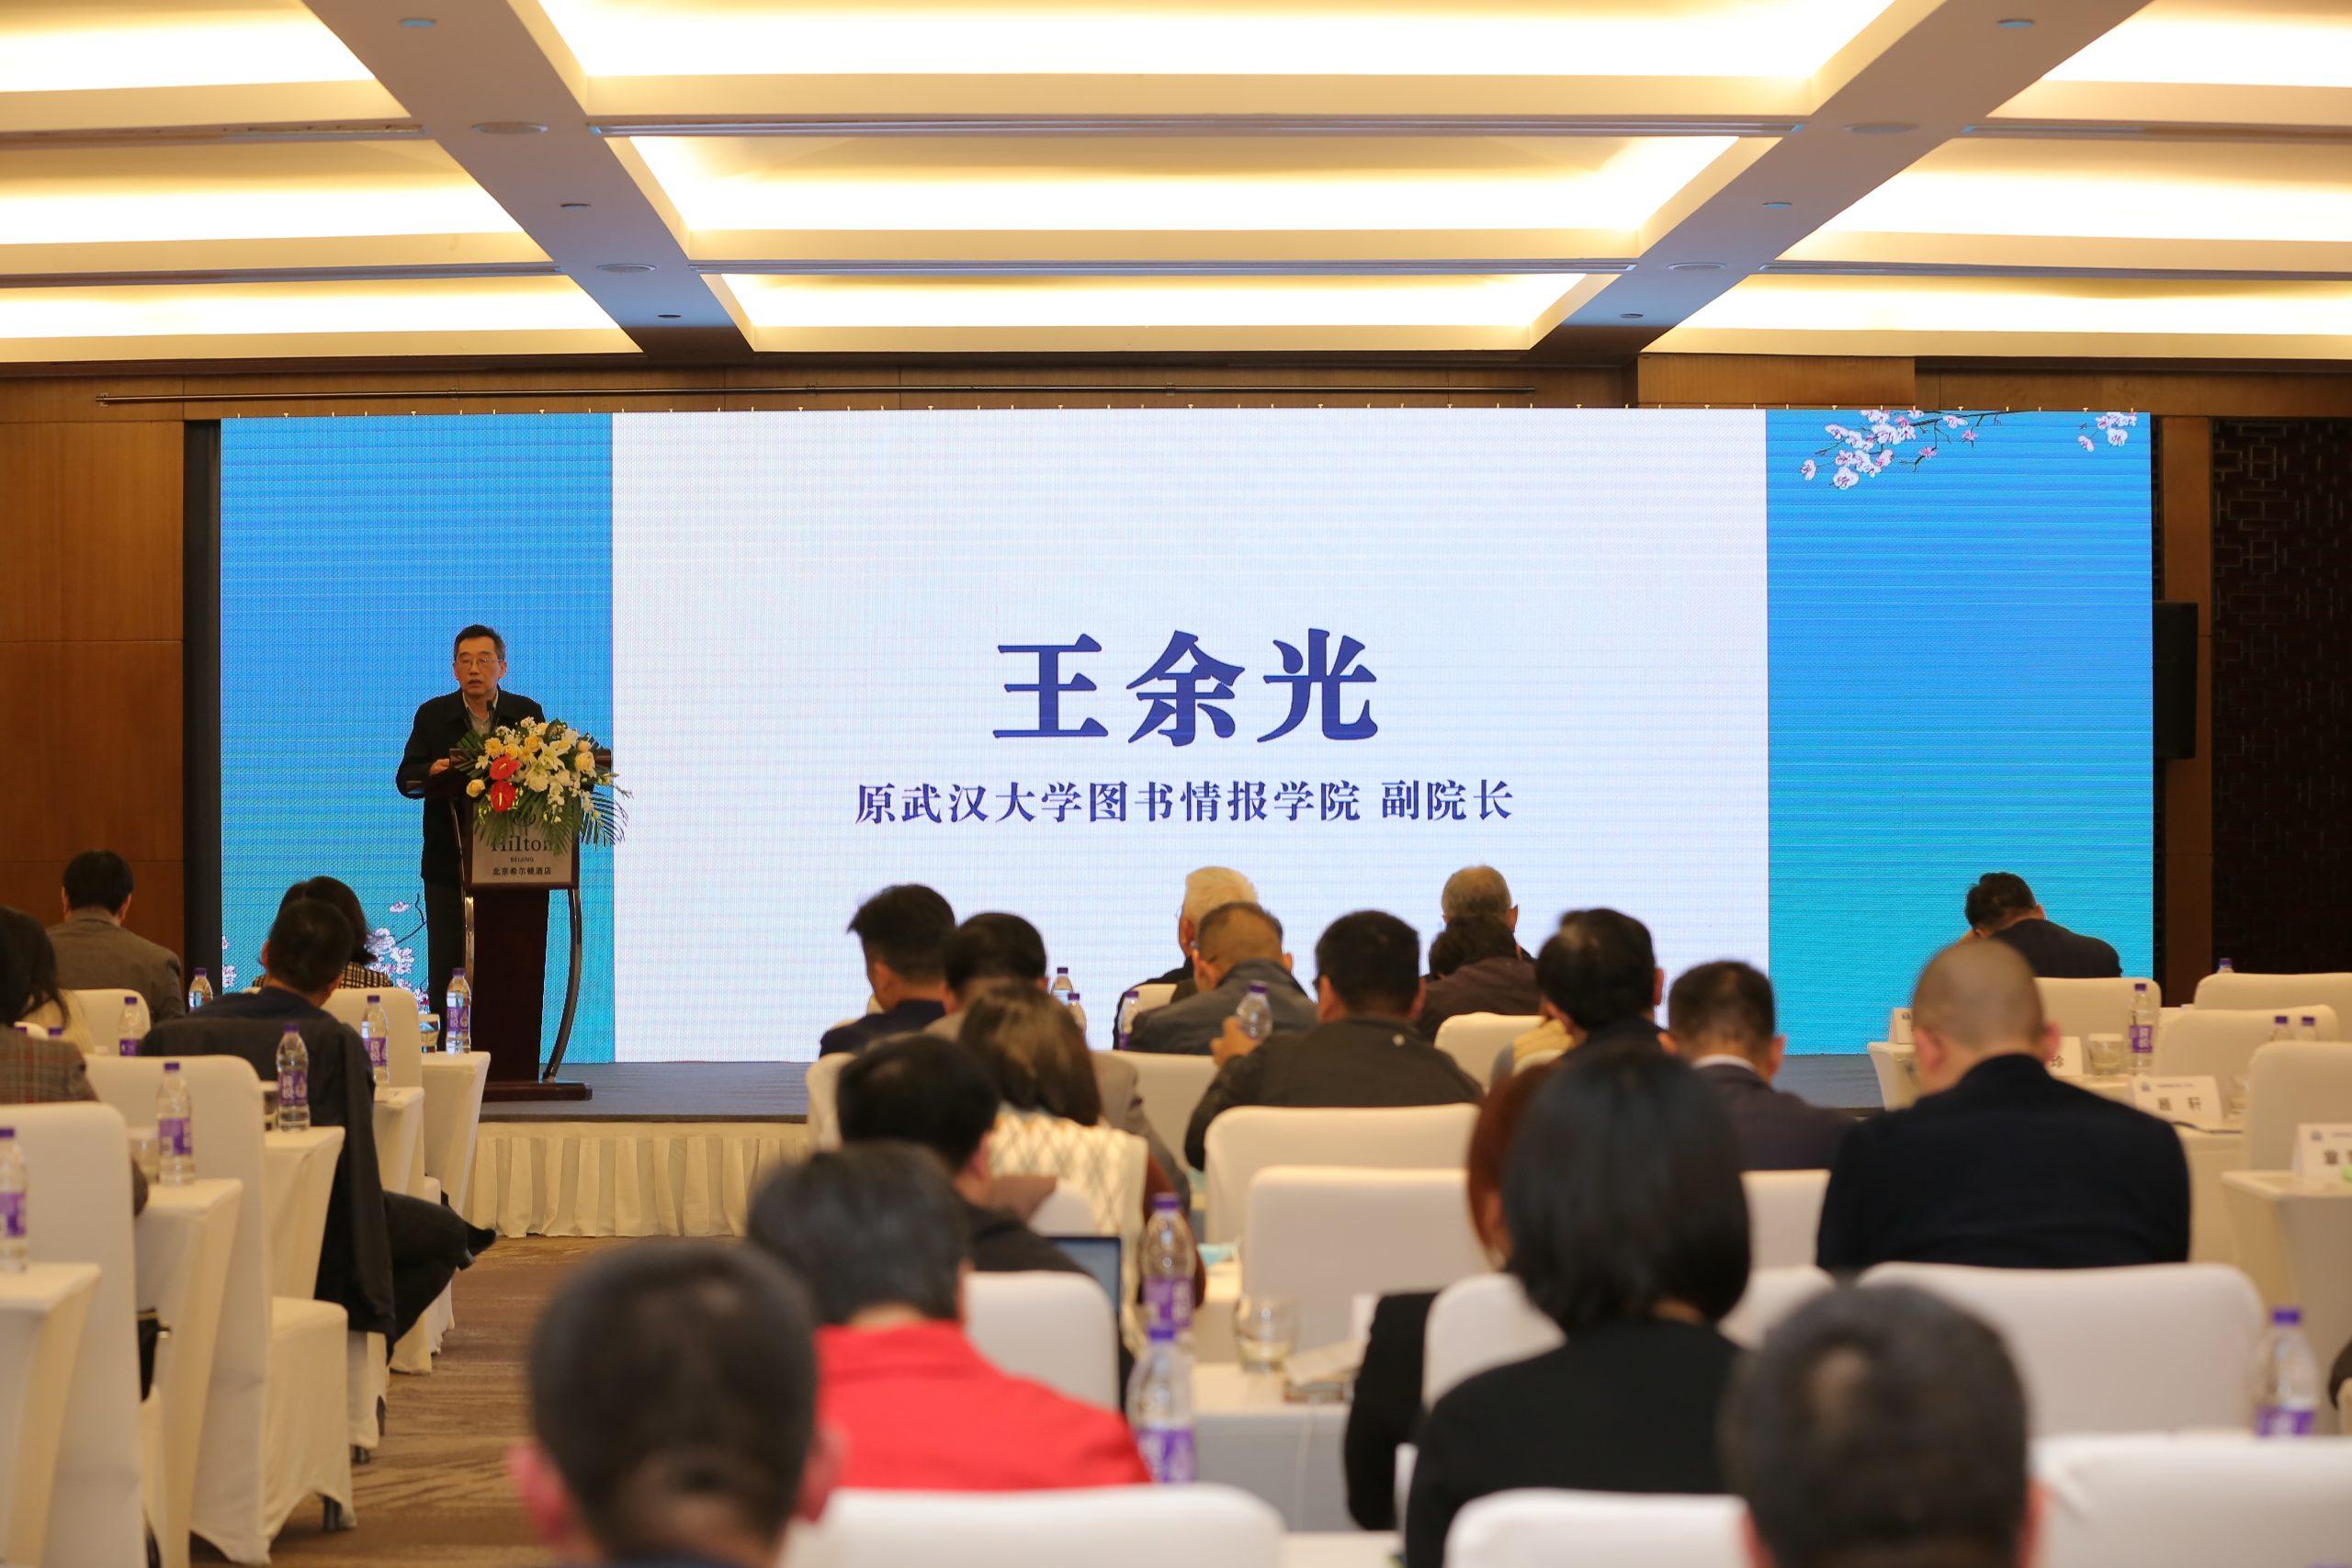 书业远景 人才未来 ——首届珞珈出版人论坛在京举办-出版人杂志官网